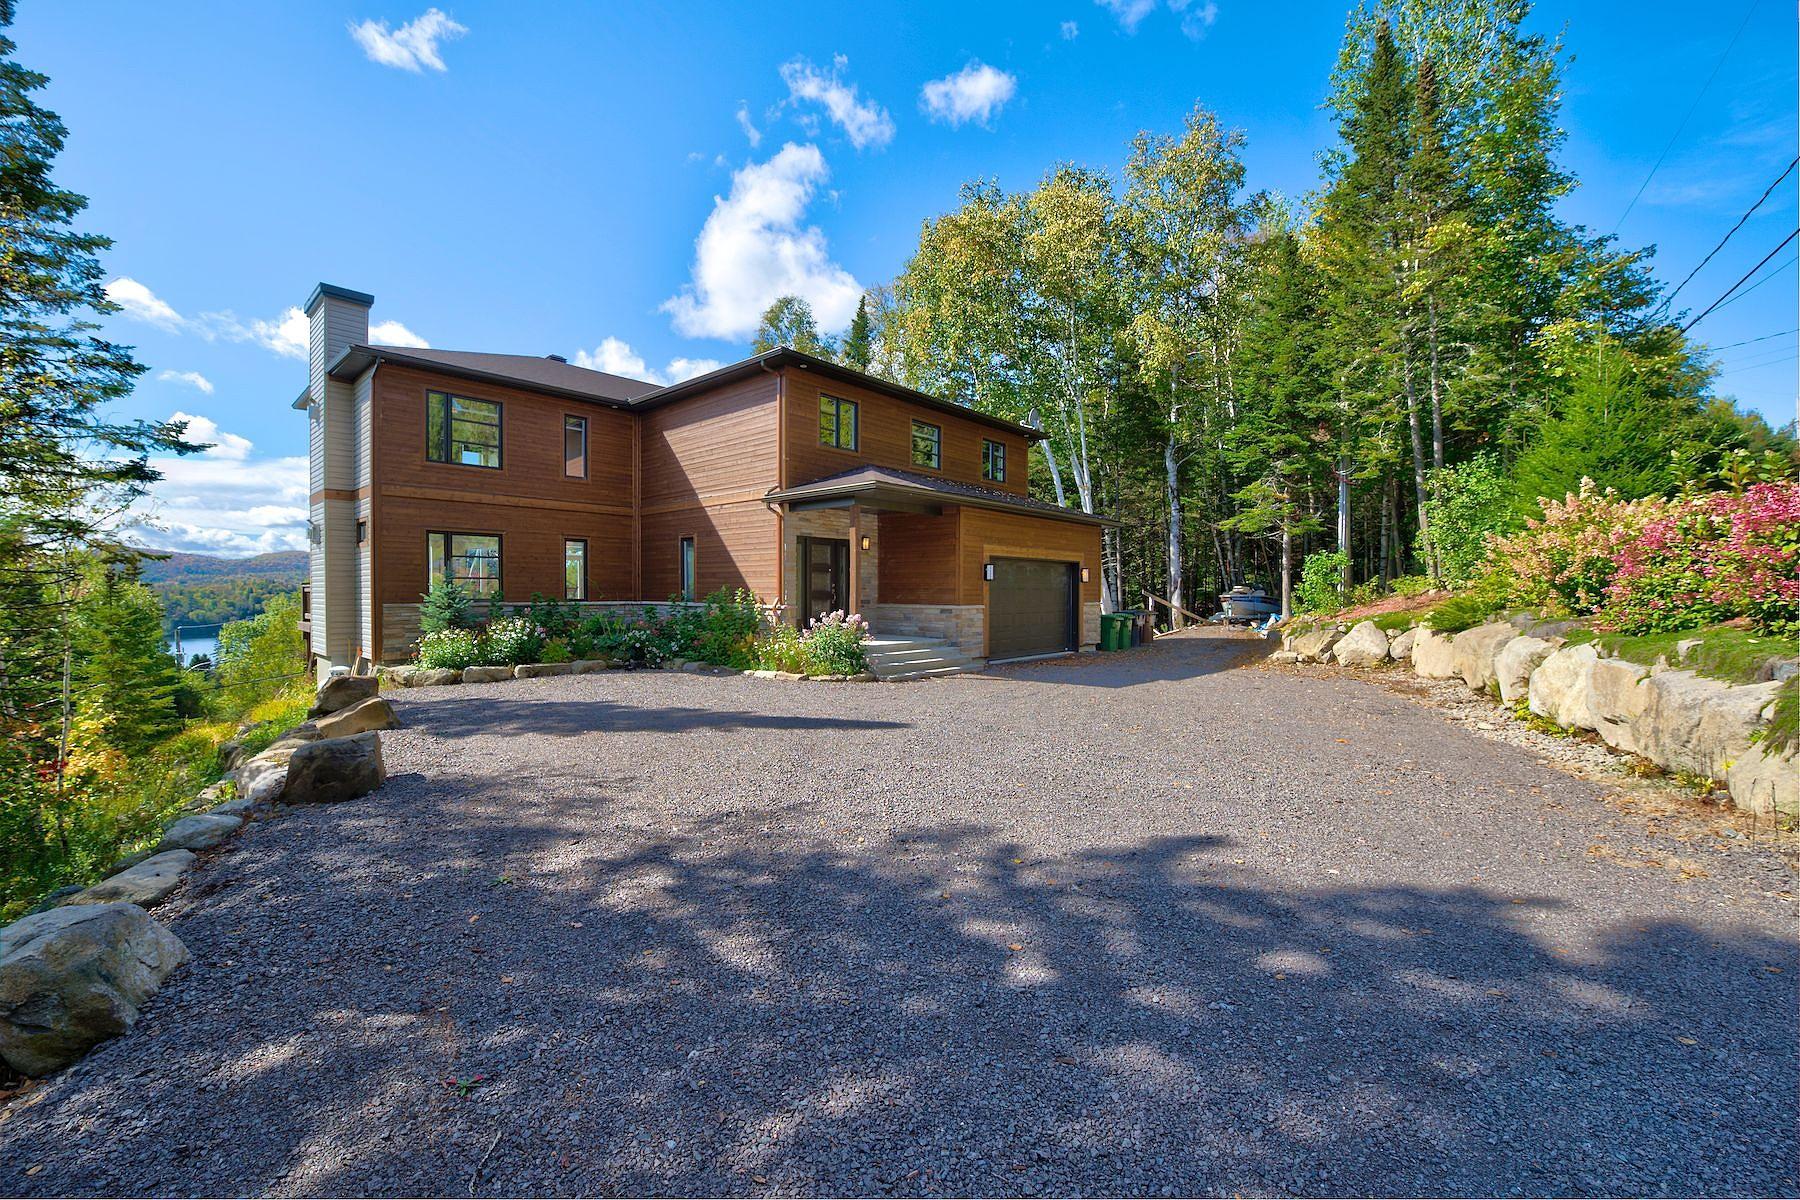 Single Family Homes for Sale at Sainte-Agathe-des-Monts, Laurentides 7 Rue Félix-Leclerc Sainte-Agathe-Des-Monts, Quebec J8C2Z7 Canada